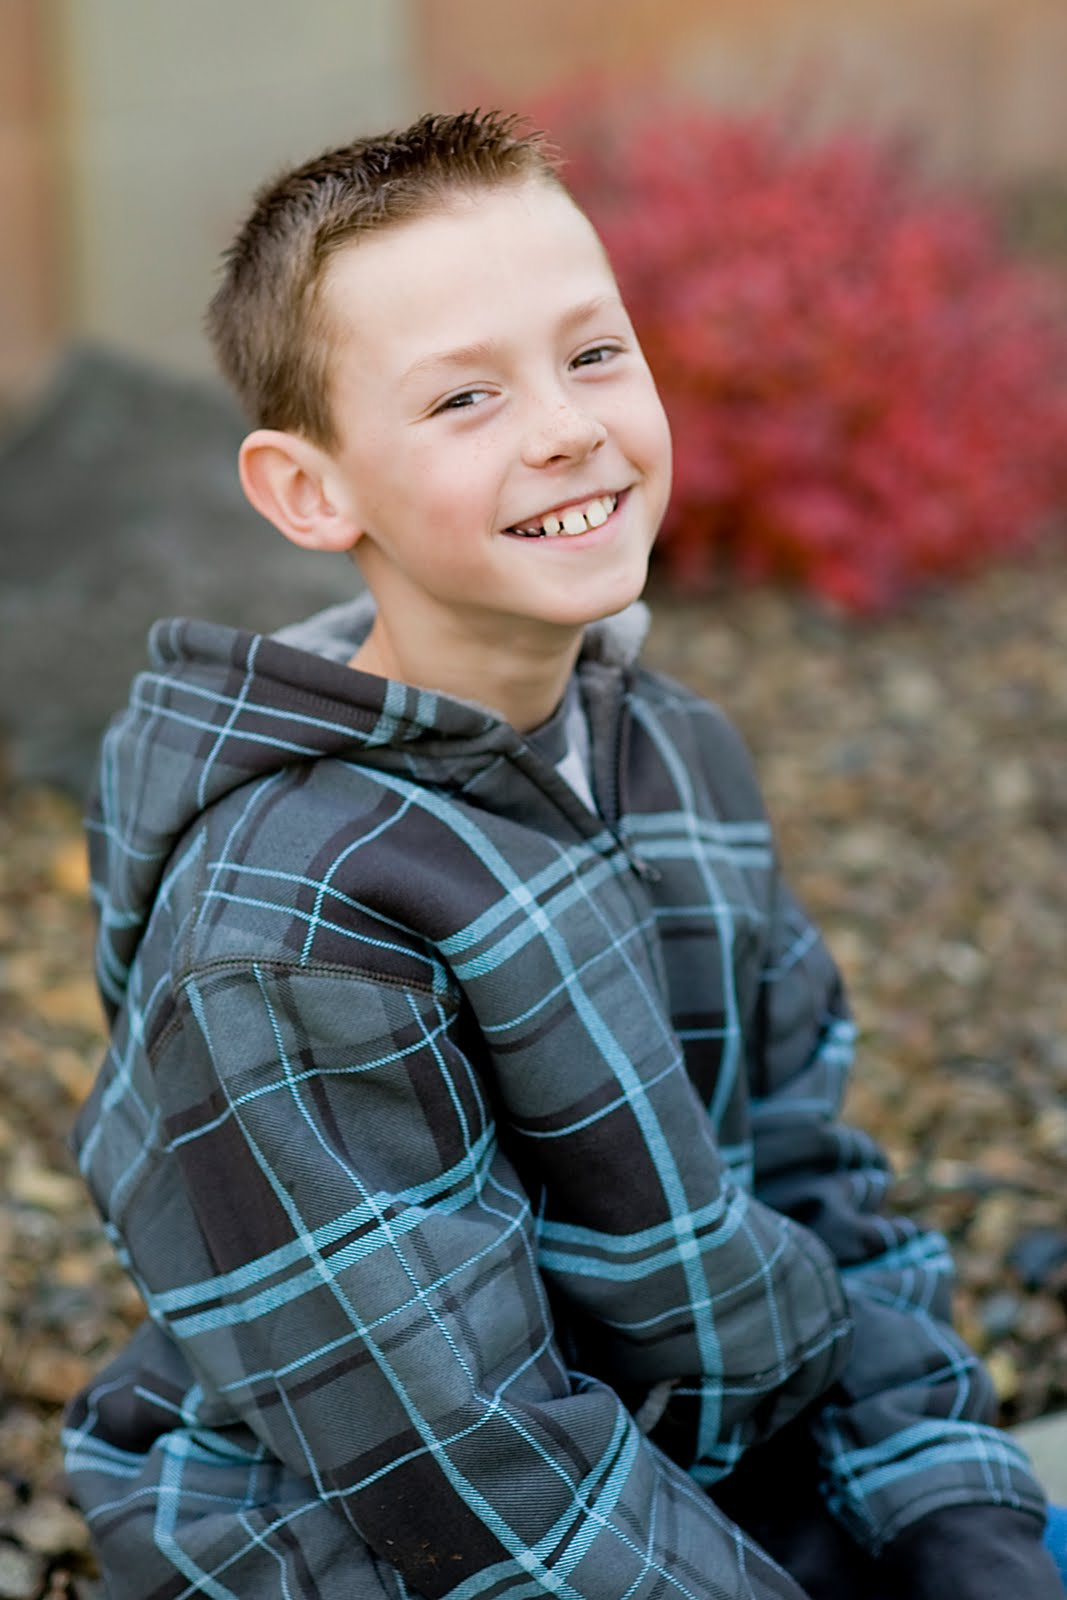 Прически для мальчиков 13 лет 30 фото Для Роста Волос